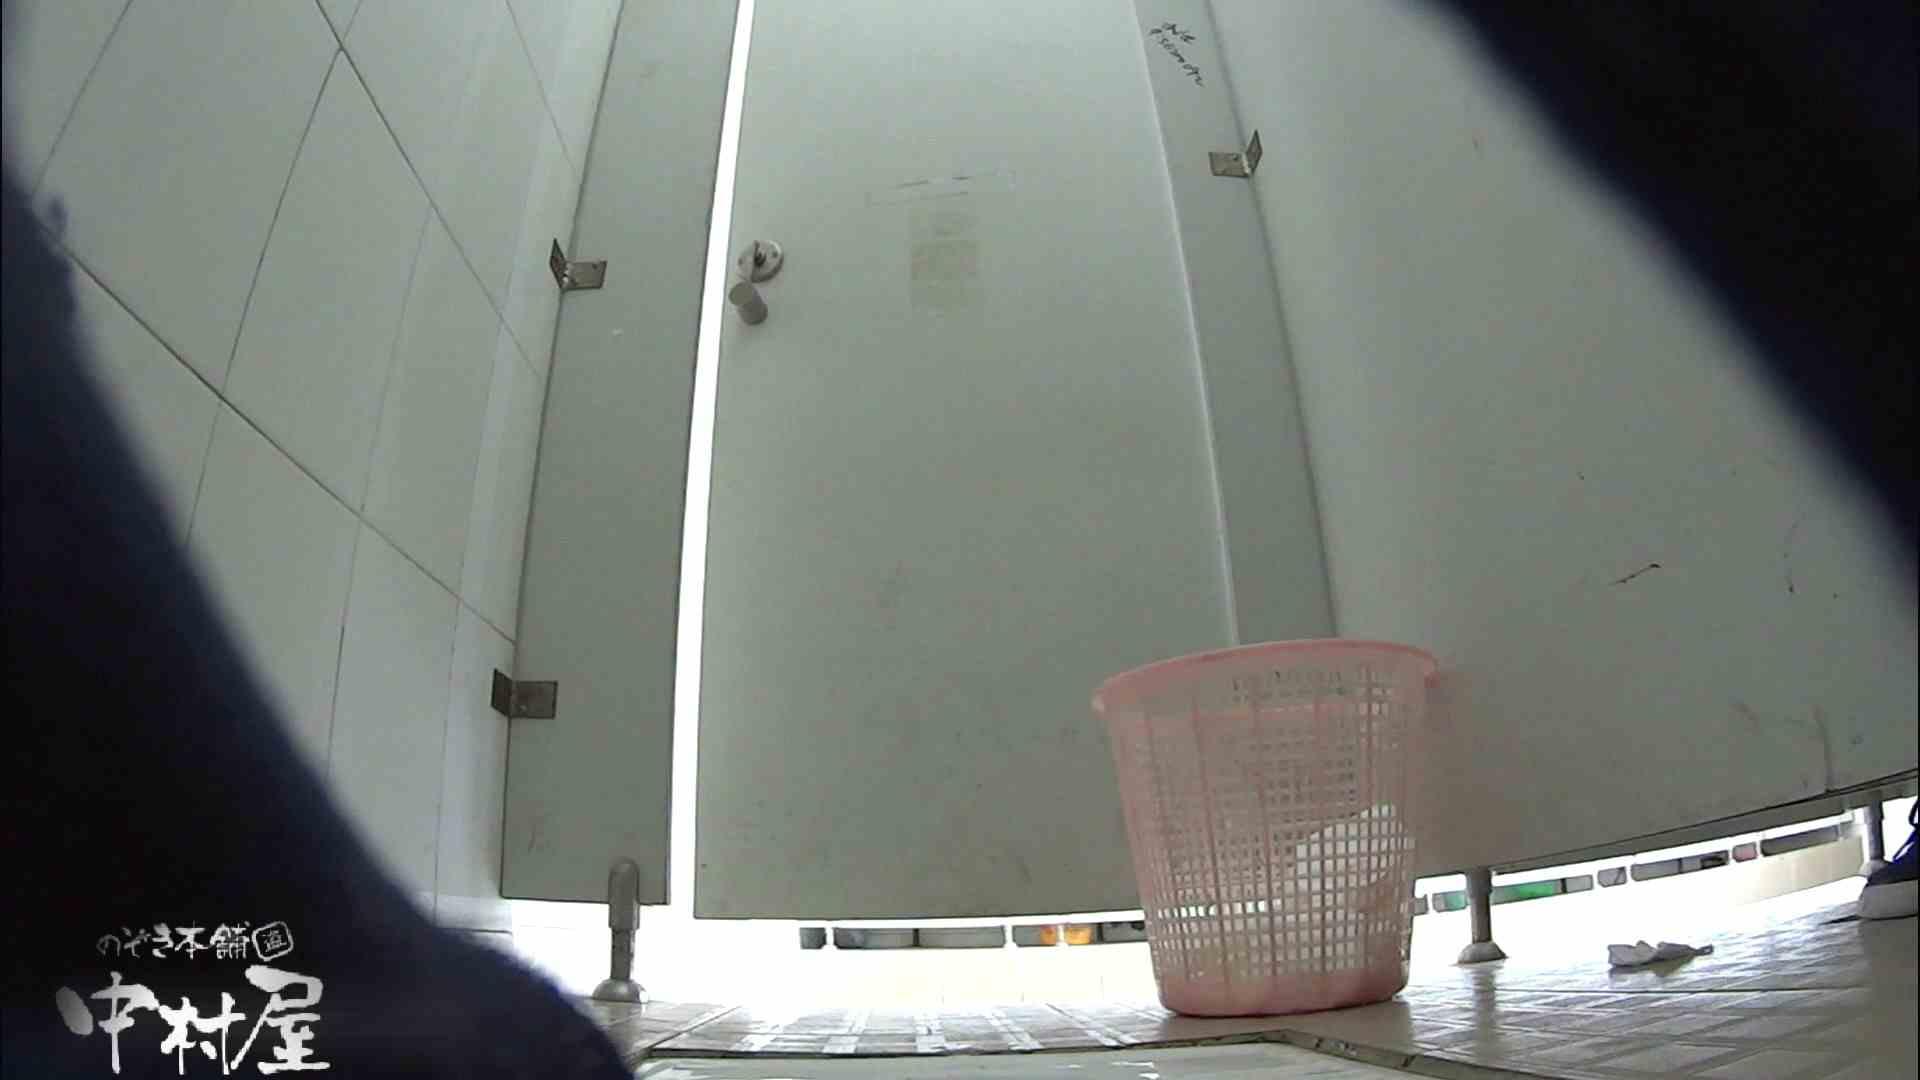 名大学休憩時間の洗面所事情01 盗撮映像  85Pix 69